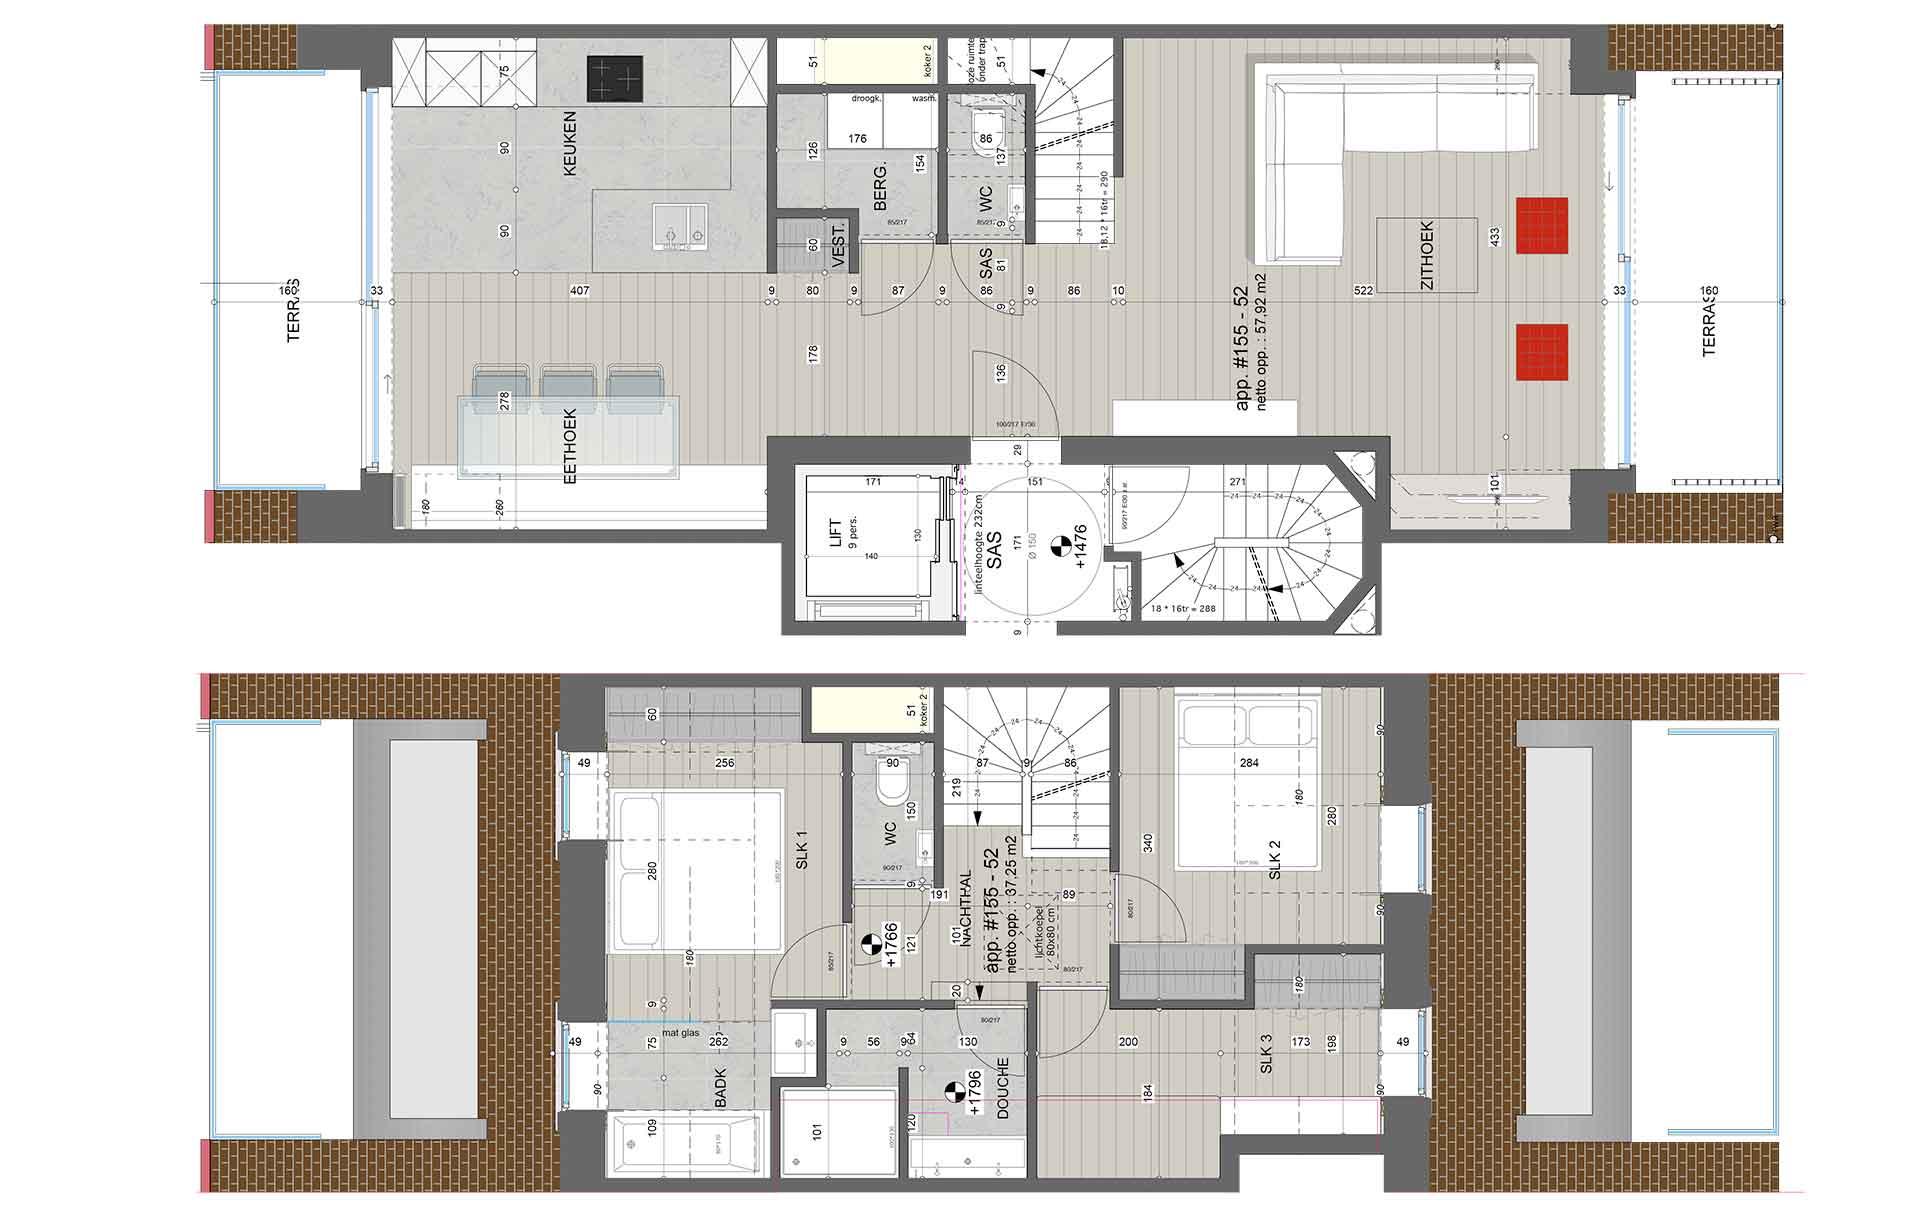 Residentie <br/> Fontana - image residentie-fontana-appartement-te-koop-knokke-plannen-155-52-1 on https://hoprom.be